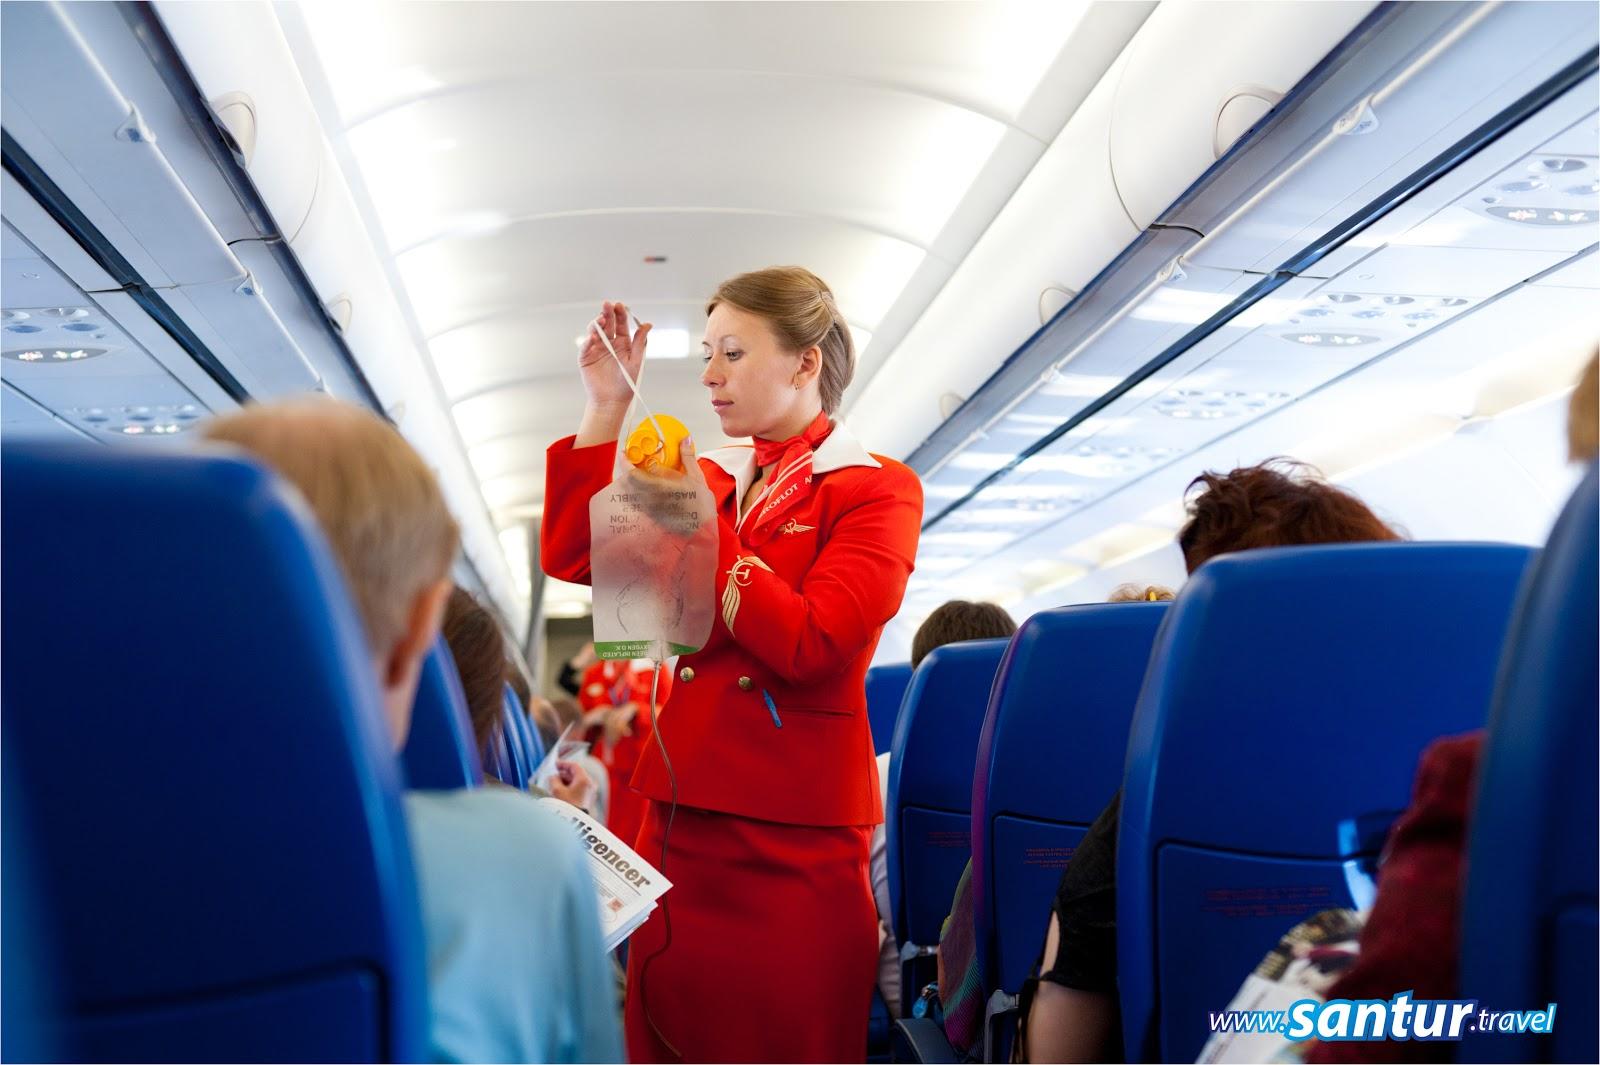 Pilates-la-nueva-opción-para-tus-largos-viajes, Agencia de Viajes, Santur, Anato, Agencias de viajes, Blog-de-Viajeros, aerolineas, Despegar, hoteles.com, trivago, hoteles baratos, los mejores hoteles, hoteles vuelese, Tiquetes avianca, Promocion tiquetes avianca, promocion avianca cancun, los tiquetes mas baratos a cancun, vuelos avianca cancun, tiquetes caribe, tiquetes baratos, tiquetes baratos lan, vuelos baratos avianca, vuelos baratos por avianca, avianca pasajes economicos, avianca ofertas, tiquetes aereos baratos avianca, tiquetes baratos copa, tiquetes baratos, tiquetes aereos en promocion, tiquetes lan, tiquetes aereos internacionales, tiquetes aereos, tiquetes avianca, tiquetes economicos, tiquetes aereos economicos, boletos aereos economicos, boletos aereos baratos, boletos baratos, Boletos aereos, boletos avion, boletos de avion baratos, boletos avianca, vuelos avianca, avianca promociones, Amazonas, Leticia, Antioquia, Medellin, Arauca, Atlantico, Barranquilla, Bolivar, Cartagena, Boyaca, Tunja, Caldas, Manizales, Caqueta, Florencia, Casanare, Yopal, Cauca, Popayan, Cesar, Valledupar, Choco, Quibdo, Cordoba, Monteria, Cundinamarca, Bogota, Guainia, Puerto Inirida, Guaviare, San Jose del Guaviare, Huila, Neiva, Guajira, Riohacha, Magdalena, Santa Marta, Meta, Villavicencio, Nariño, Pasto, Norte de Santander, Cucuta, Putumayo, Mocoa, Quindio, Armenia, Risaralda, Pereira, Providencia, San Andres, Santander, Bucaramanga, Sucre, Sincelejo, Tolima, Ibague, Valle del Cauca, Cali, Vaupés, Mitú, Vichada, Puerto Carreño, Alemania, Austria, Bélgica, Bulgaria, Croacia, Chipre, República Checa, Dinamarca, Eslovaquia, Eslovenia, España, Estonia, Finlandia, Francia Continental, Grecia, Hungría, Italia, Letonia, Lituania, Luxemburgo, Malta, Países Bajos, Polonia, Portugal, Rumania, Suecia, Suiza, Liechtenstein, Noruega, Islandia, Unión Europea, Reino Unido, Irlanda, Colombianos, sin visa